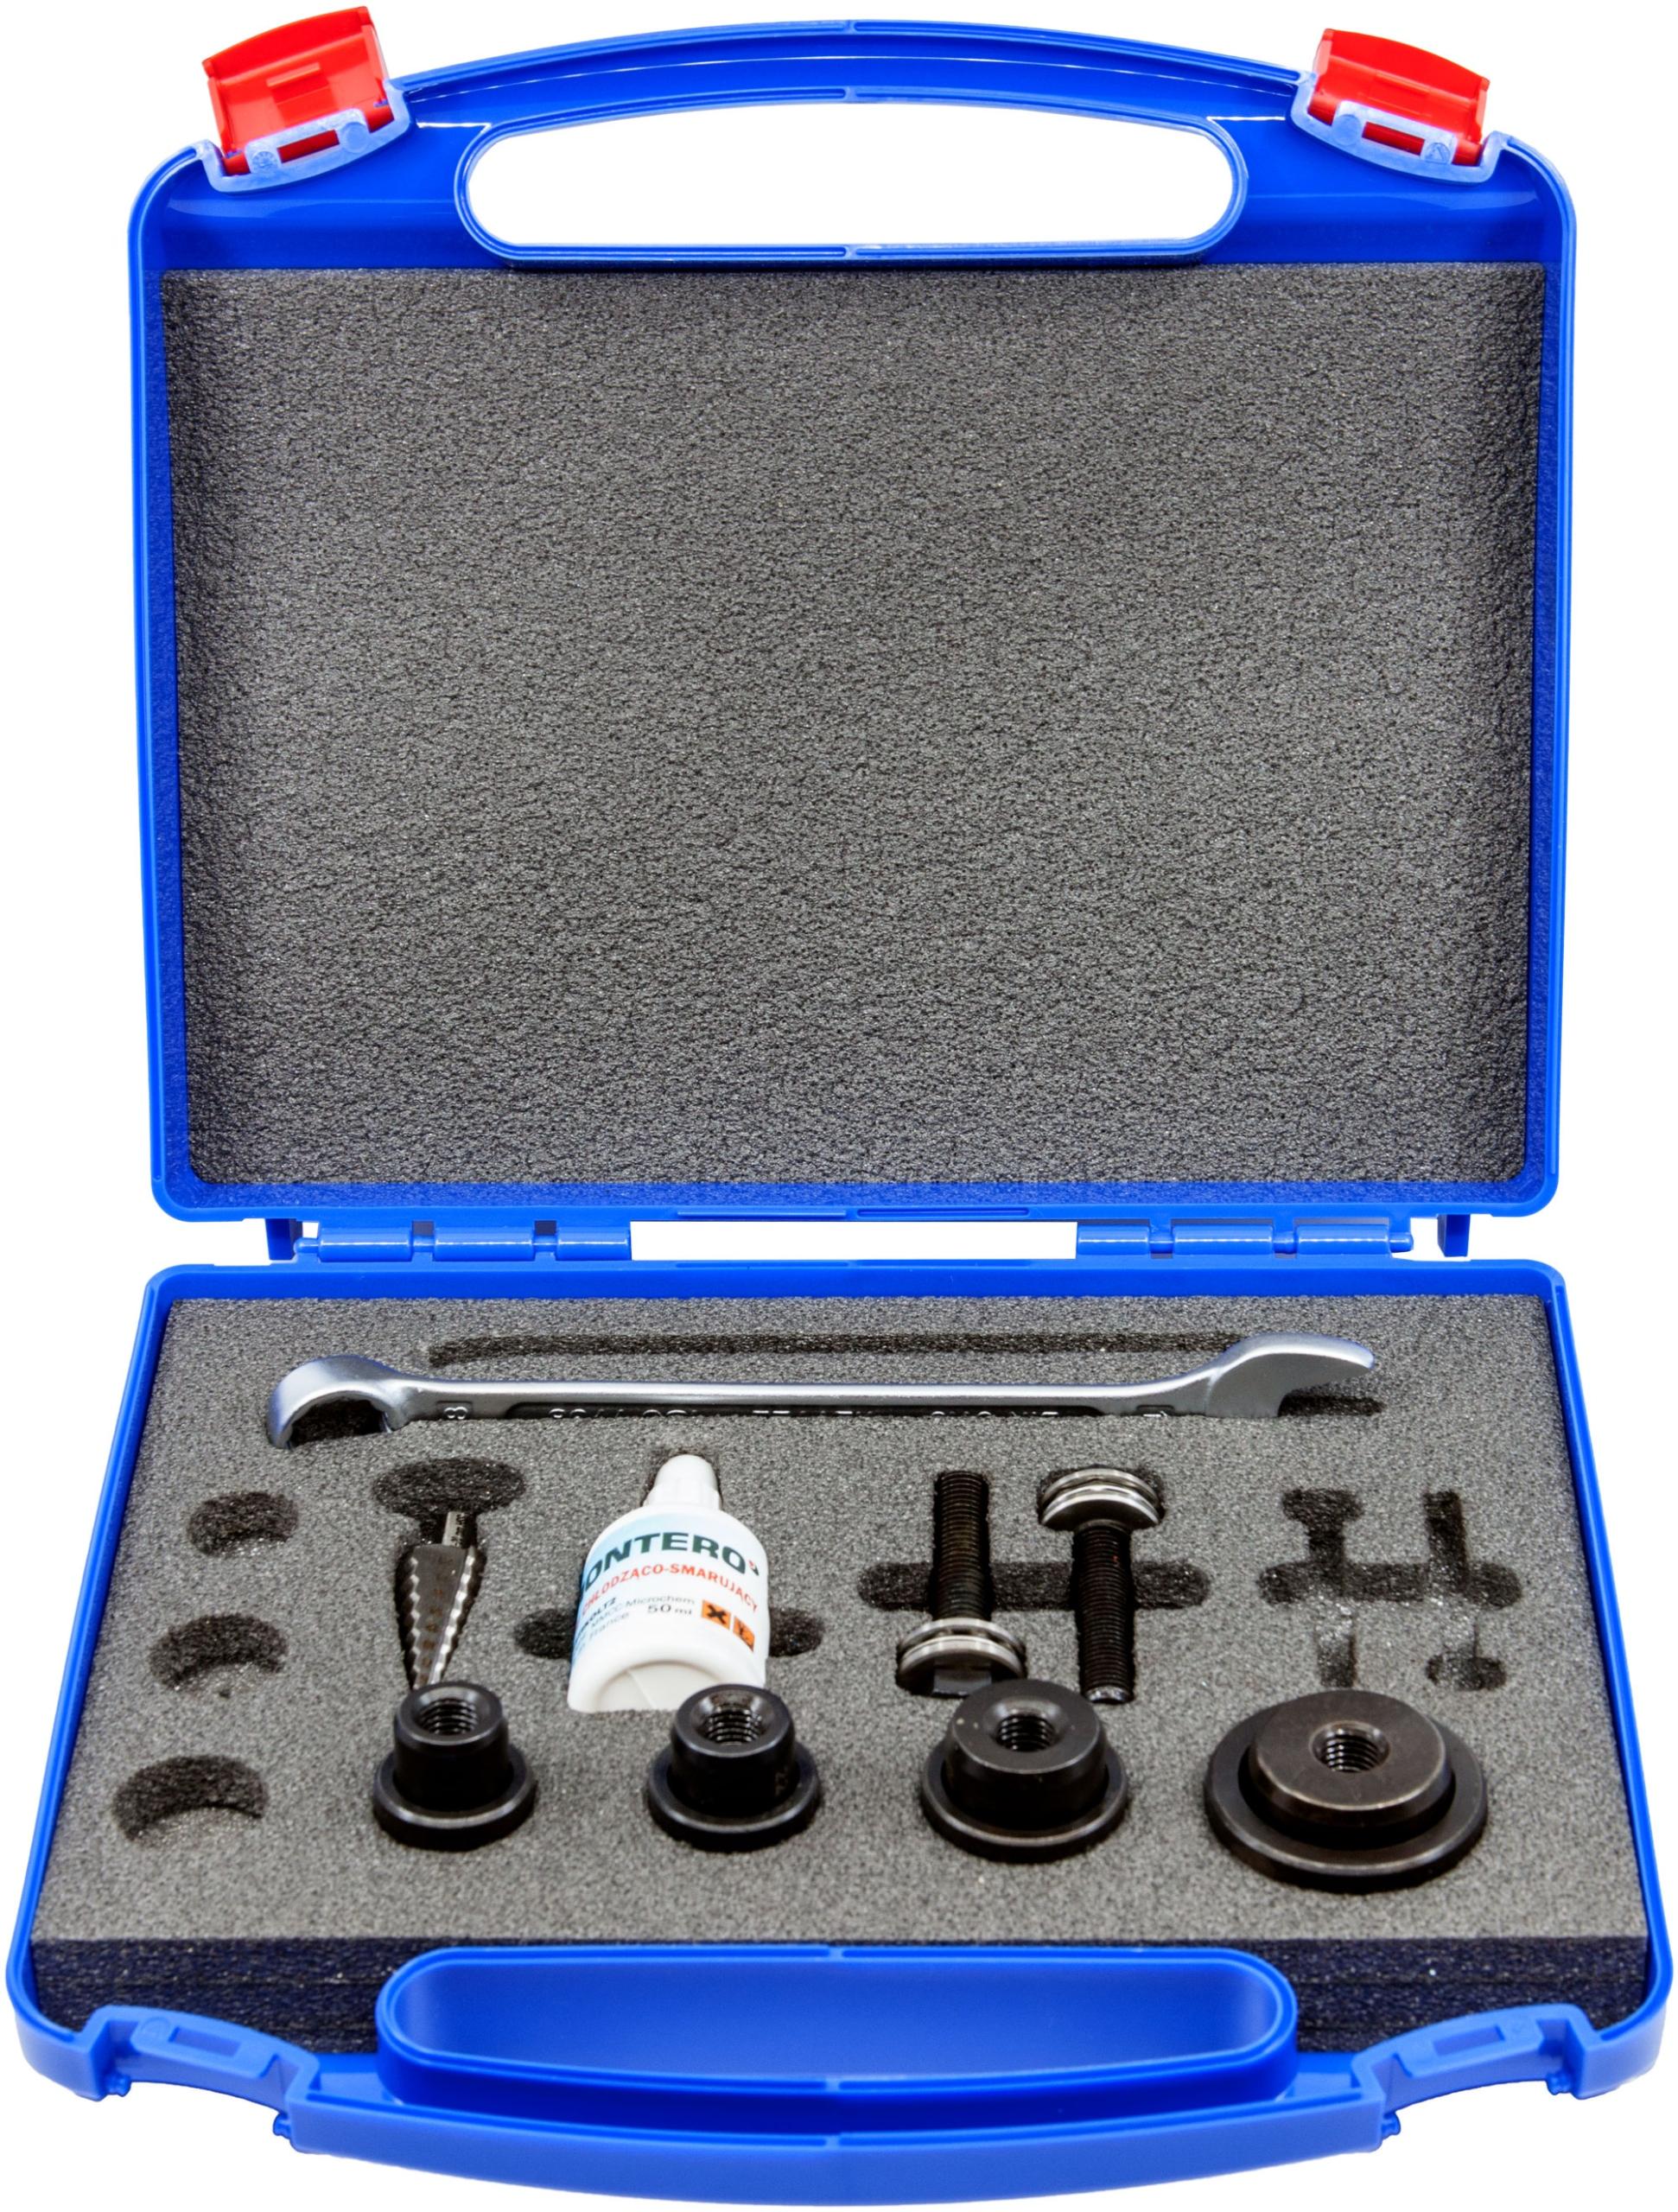 Wykrojniki śrubowe do blach 20.4 - 37.0 mm Montero